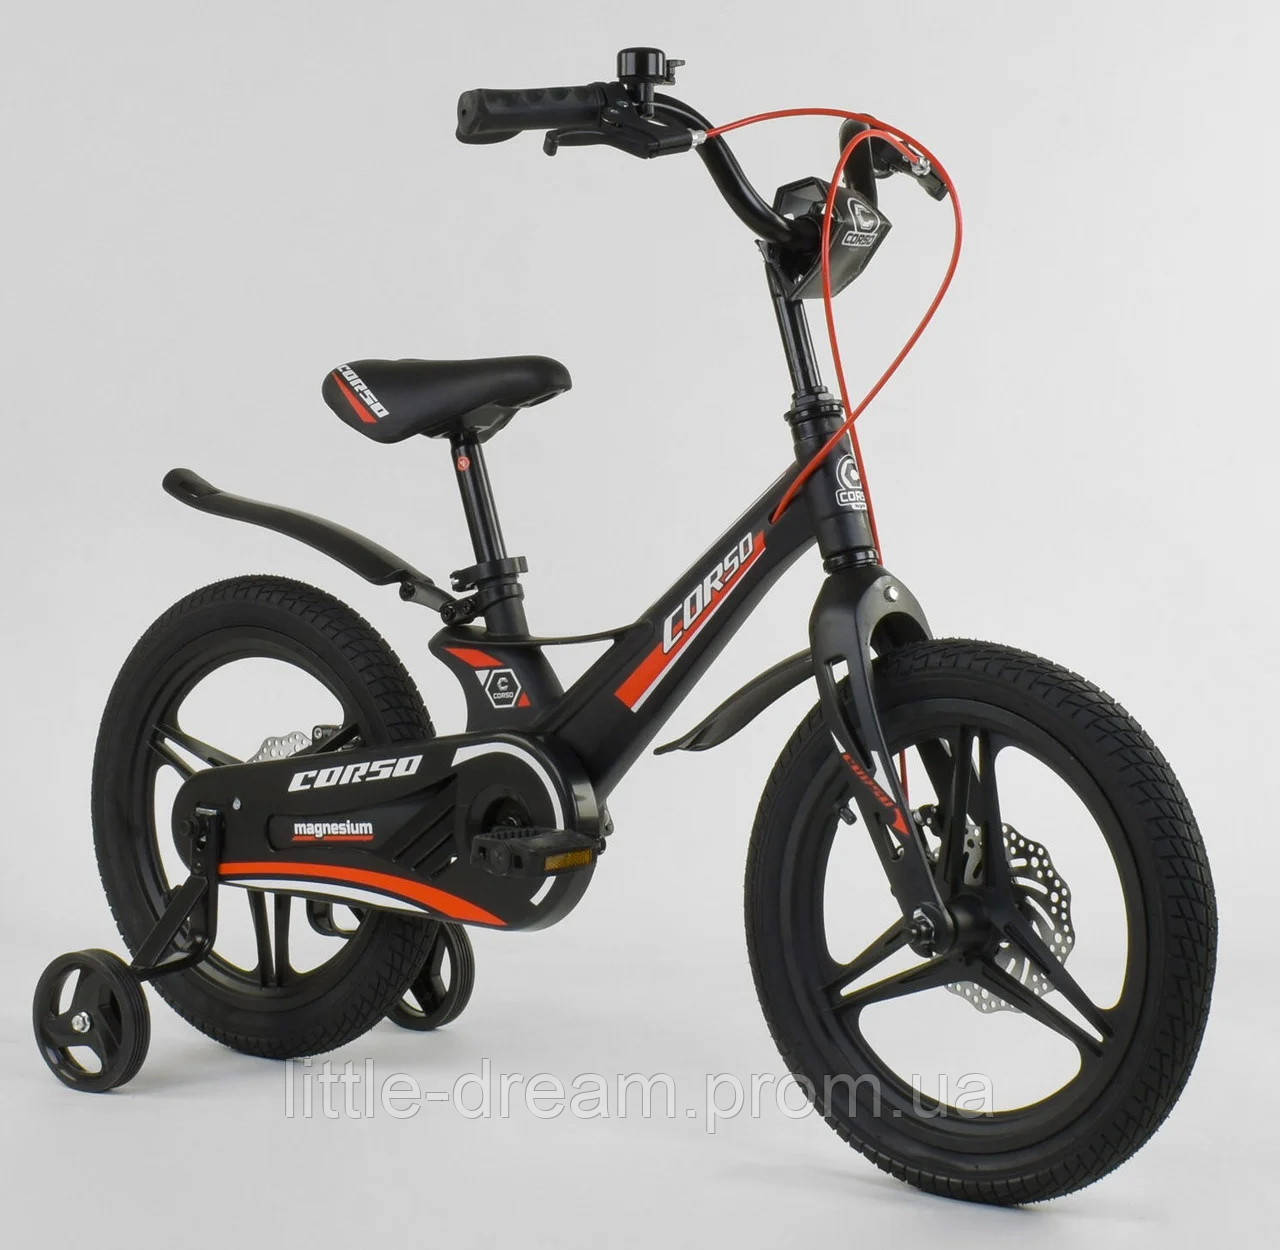 """Детский двухколёсный велосипед 16"""" магниевой рамой и алюминиевыми двойными дисками Corso MG-27308 черный"""